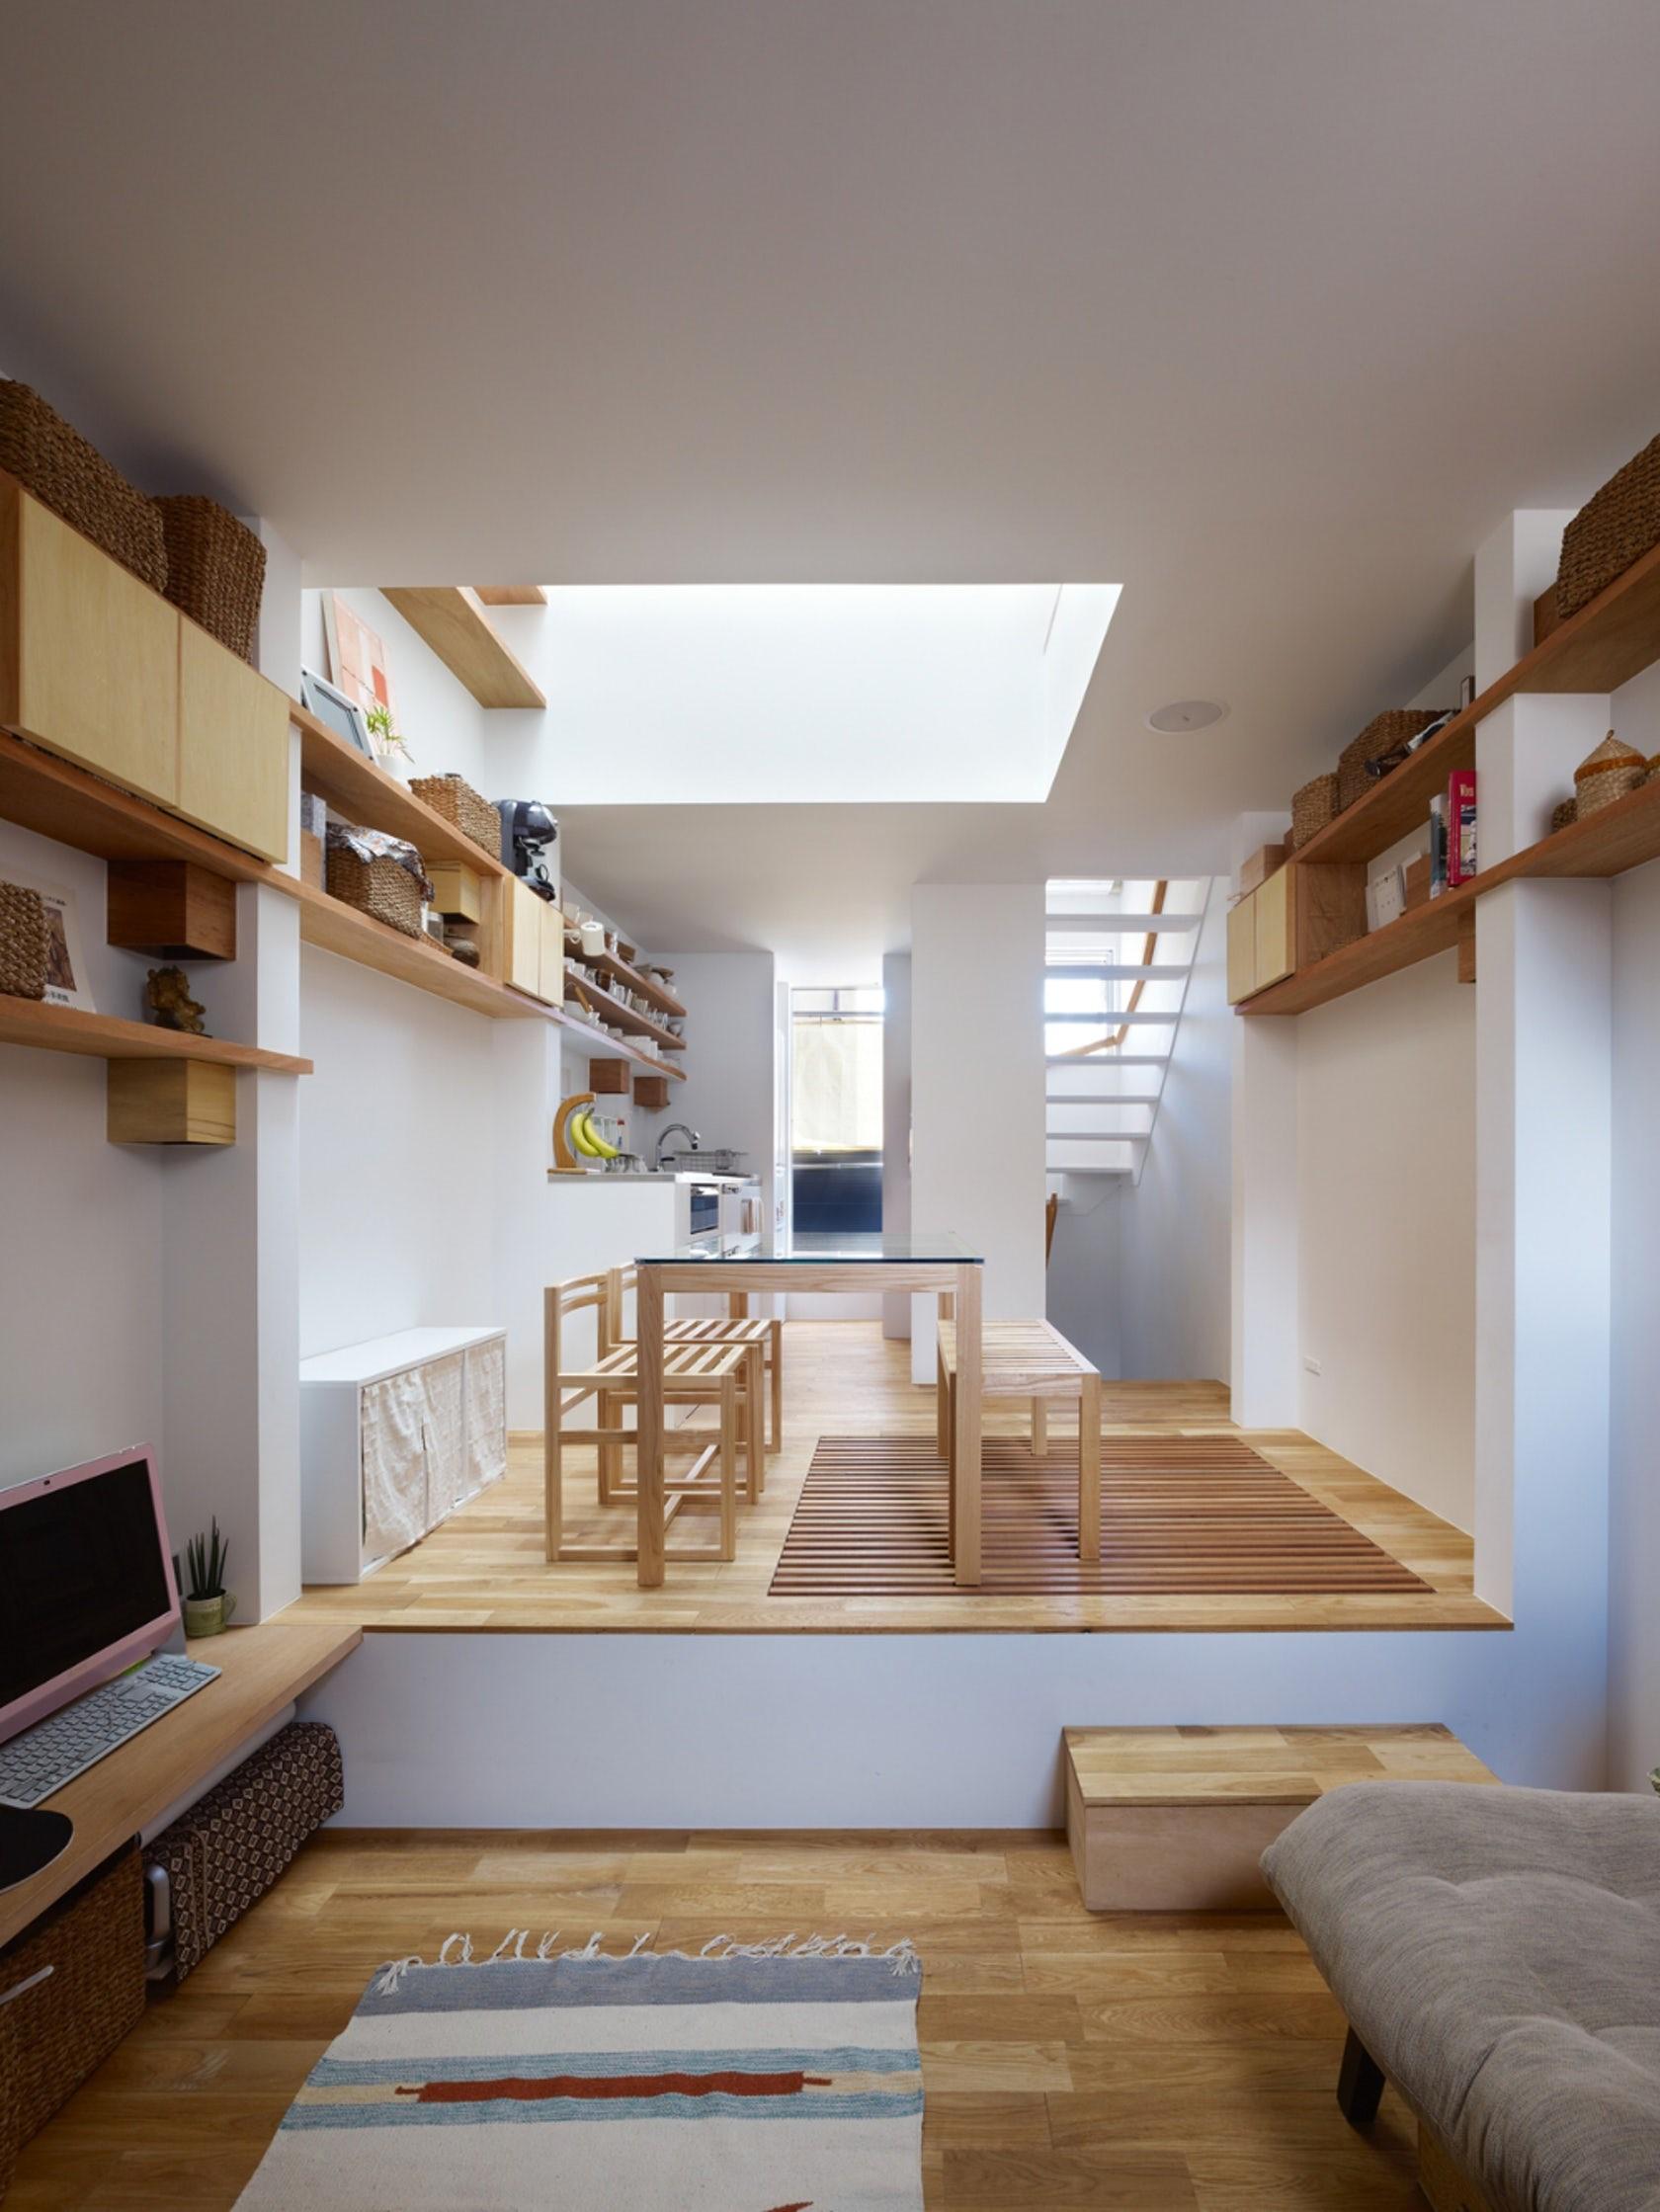 Ngôi nhà tí hon với mặt tiền hẹp 2,5m ở Nhật, sâu hun hút nhưng gây bất ngờ nhờ sở hữu thiết kế quá thông minh - Ảnh 8.